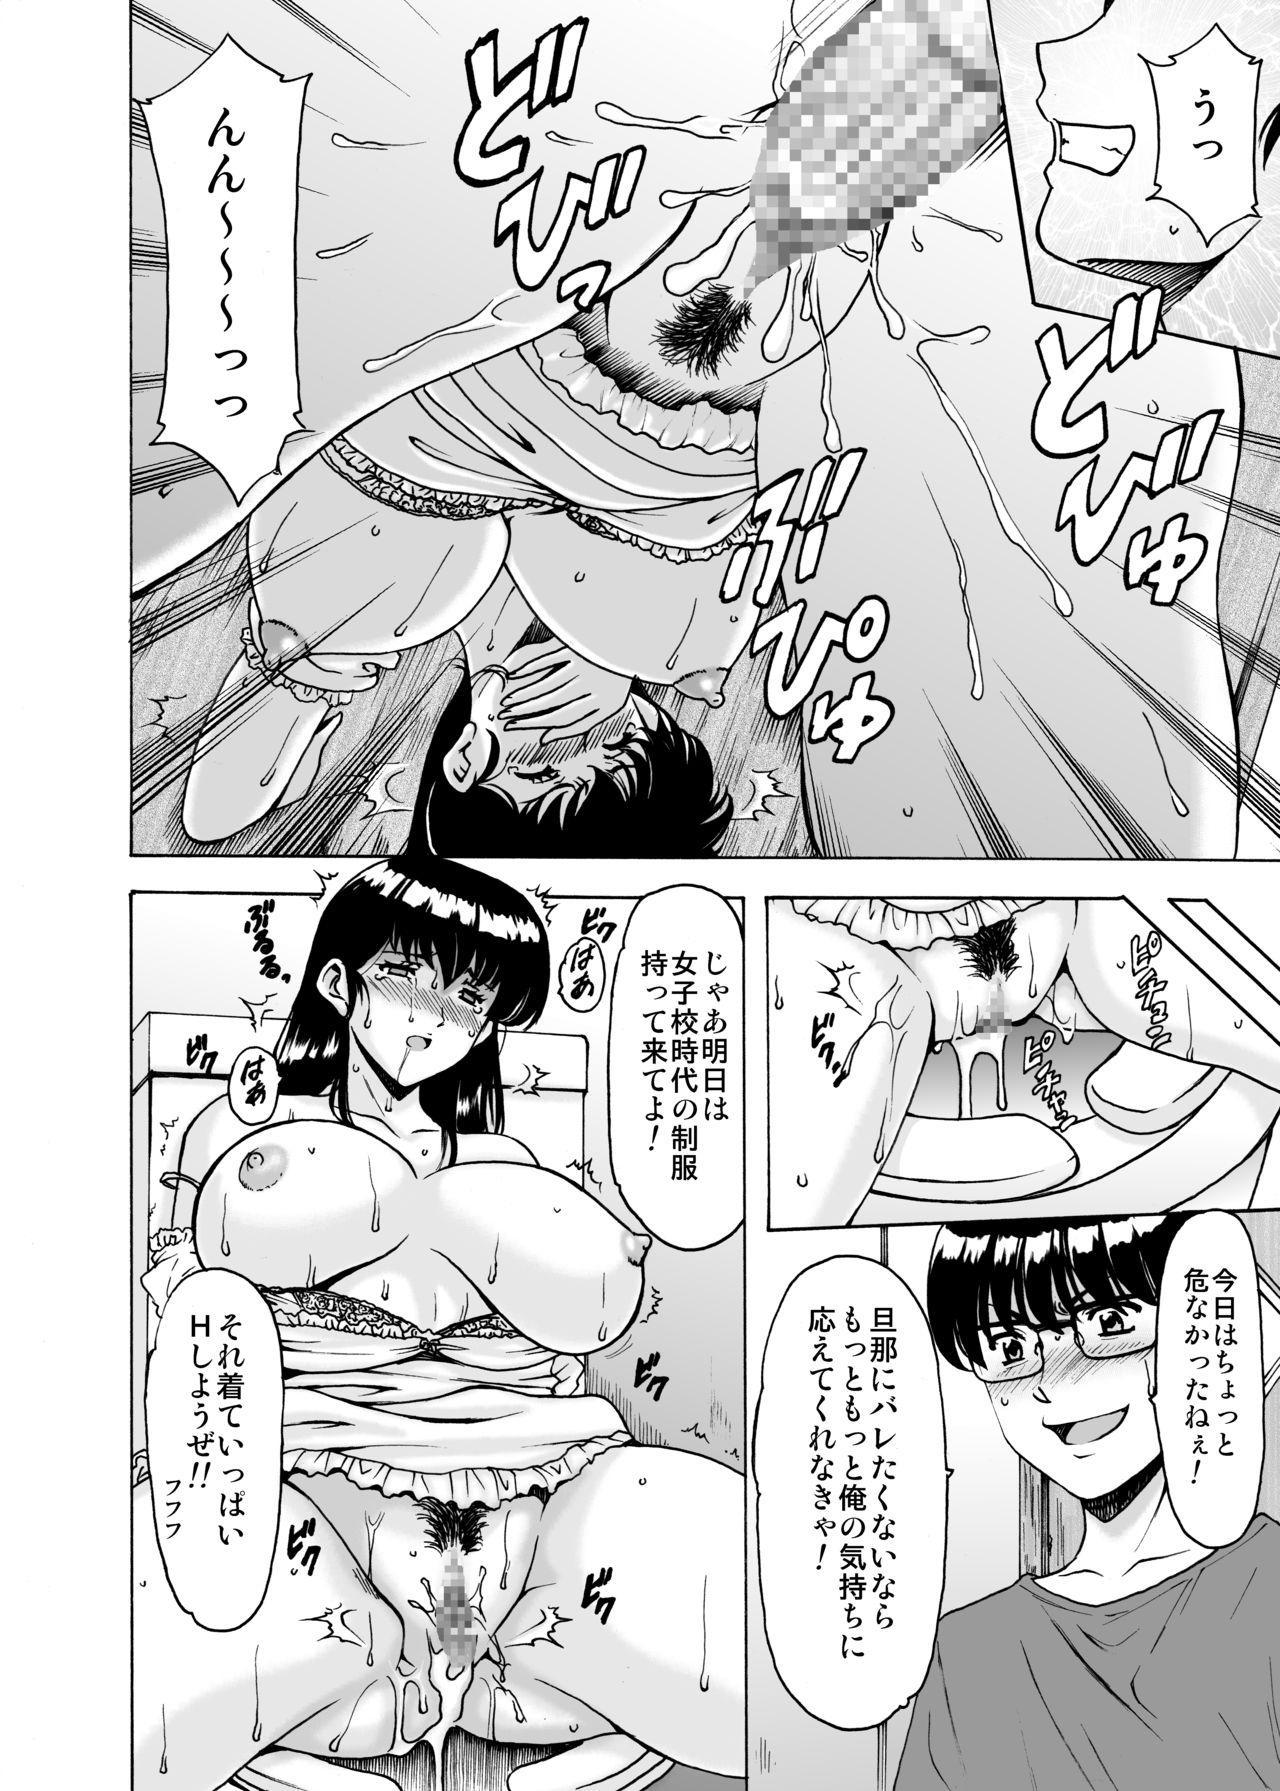 Hitozuma Kanrinin Kyouko 8 Juujun Hen 3 10